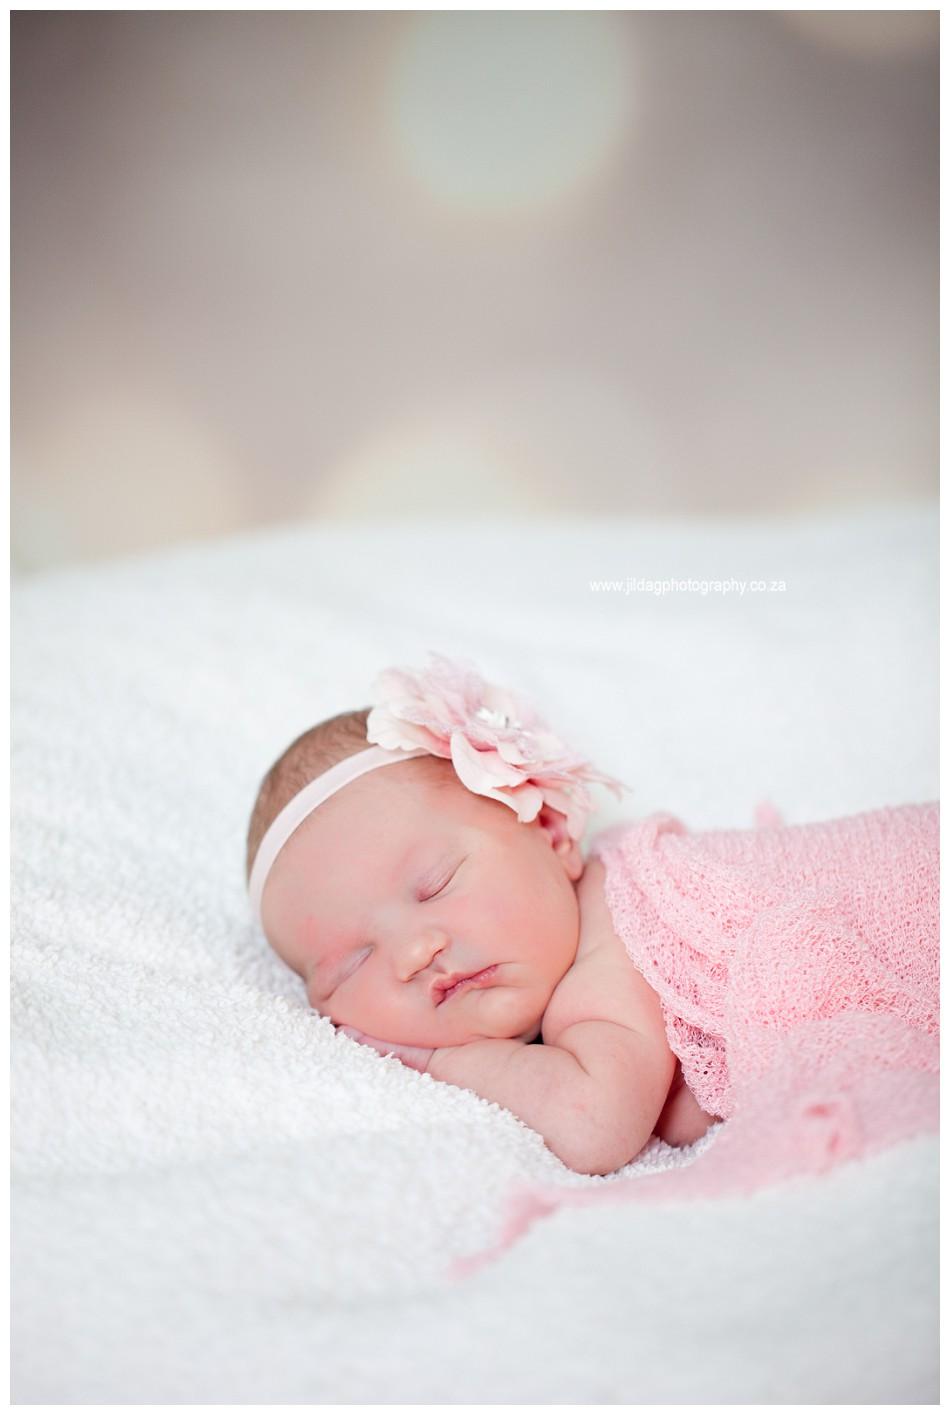 Jilda-G-Photography_newborn-Photography (7)